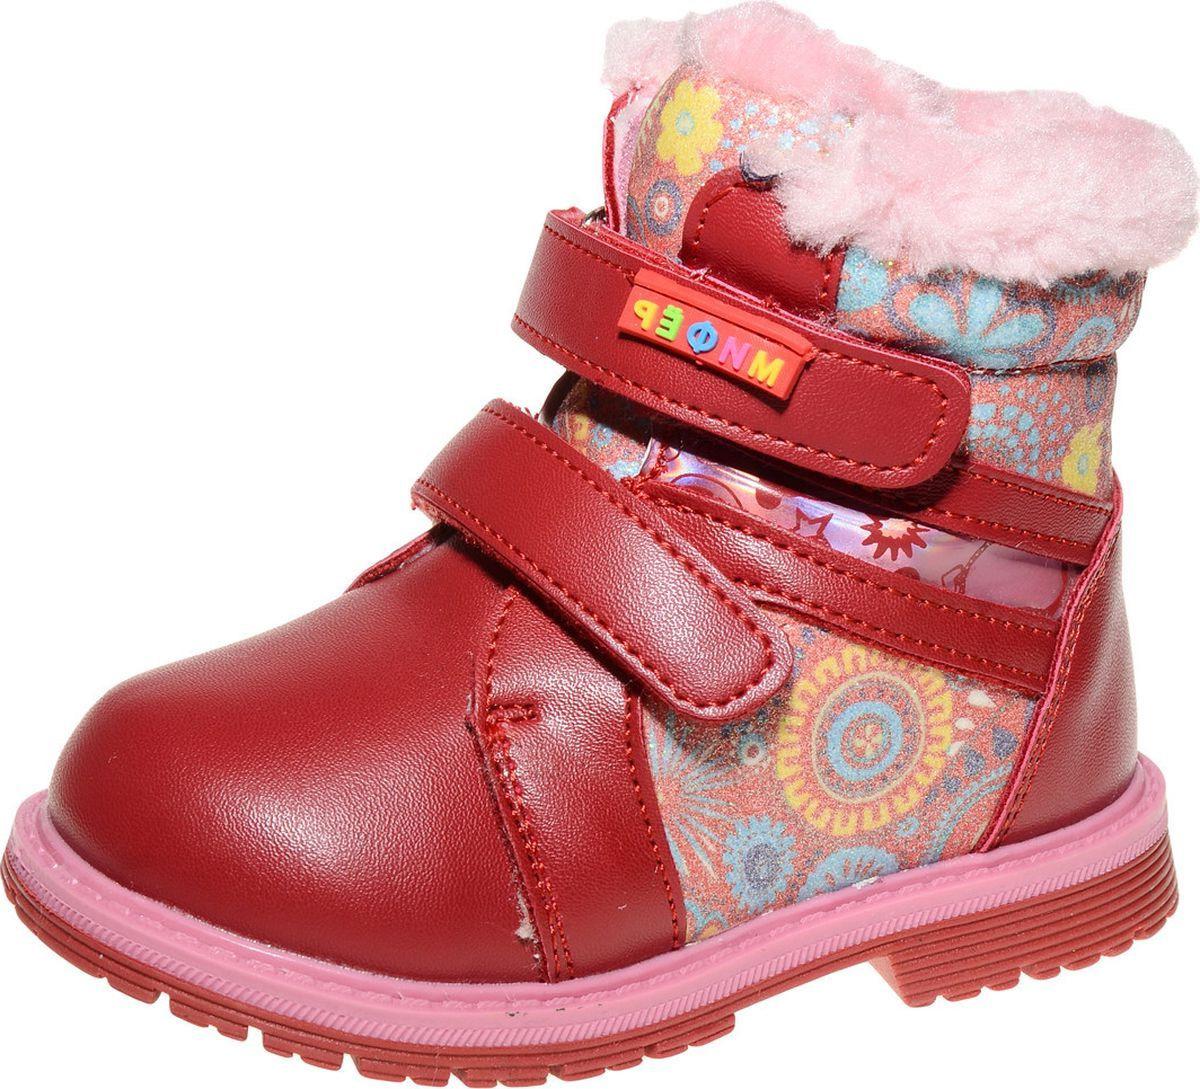 Ботинки для девочки Мифер, цвет: красный. 7029D-7. Размер 247029D-7